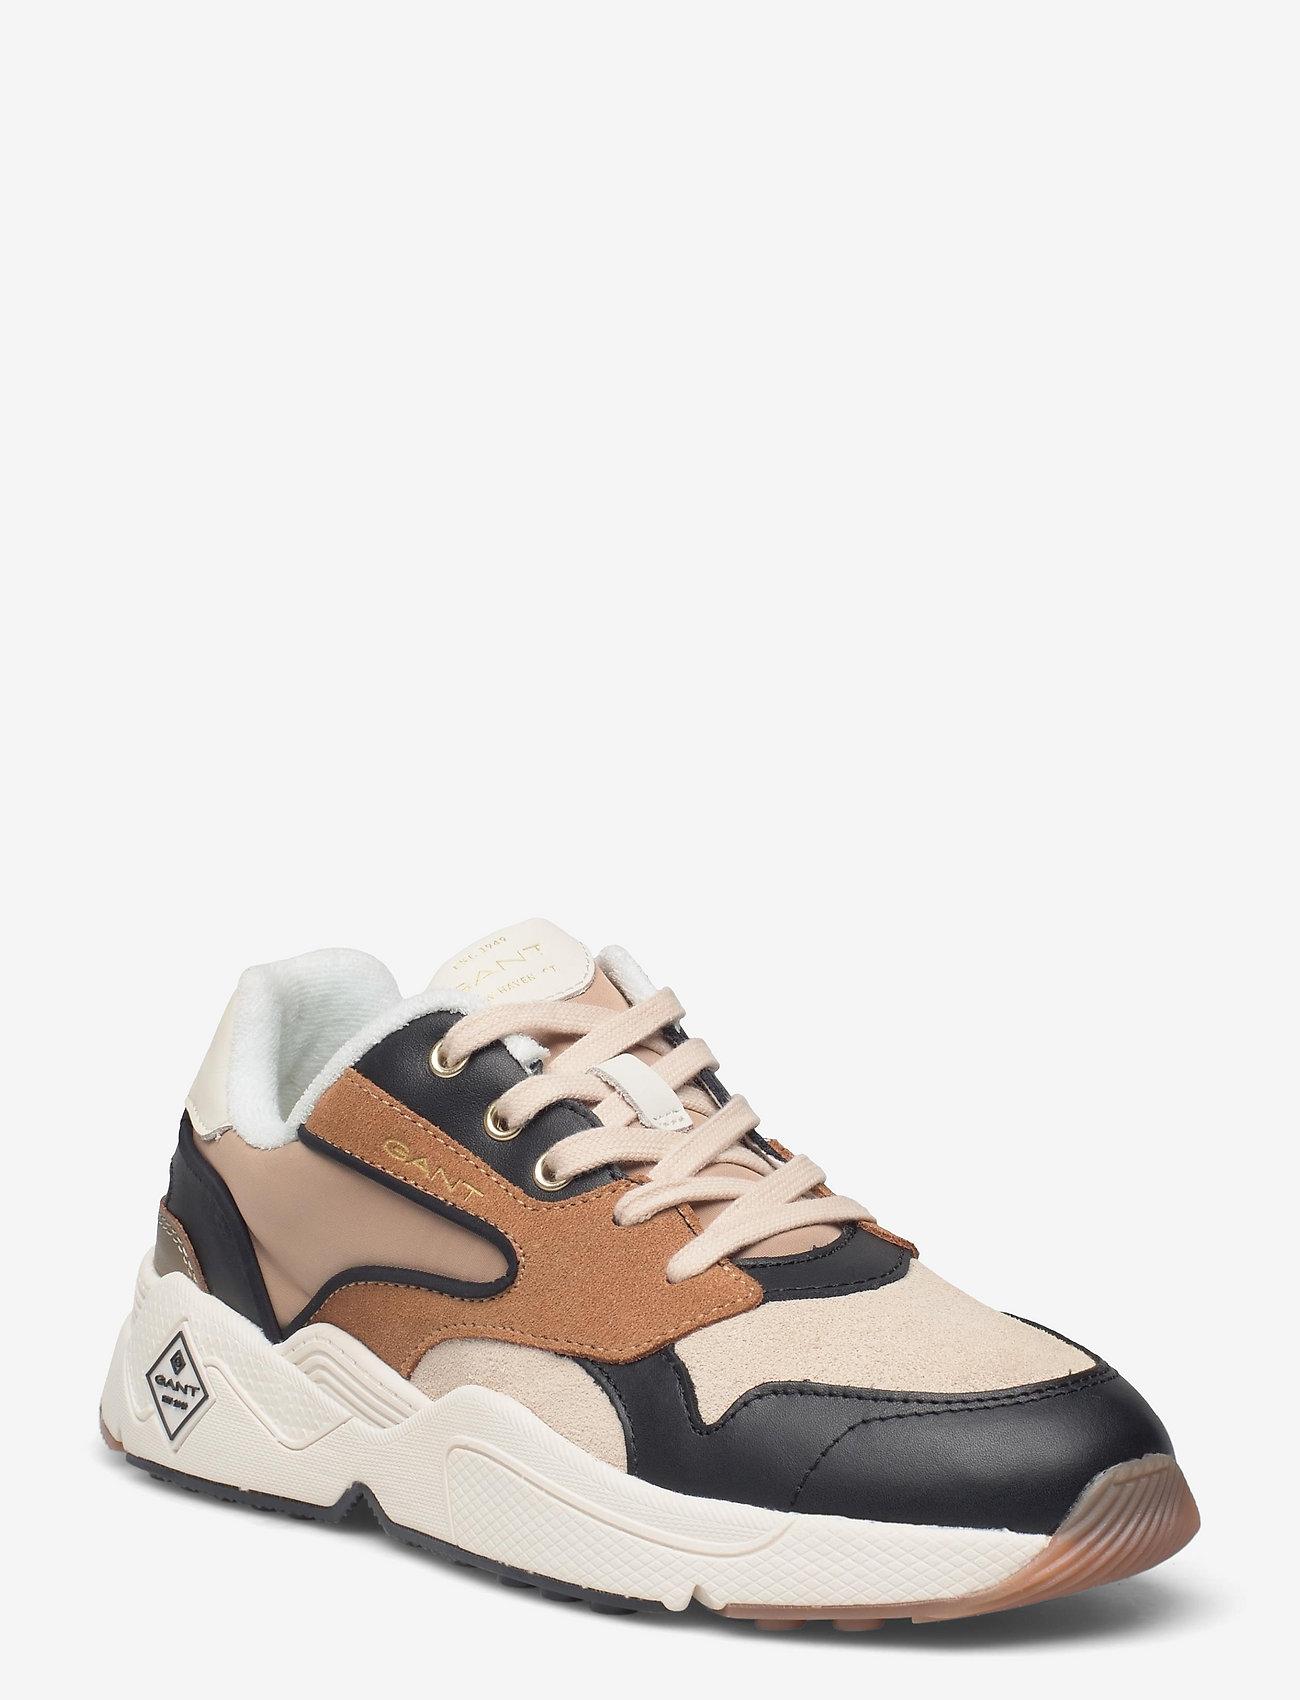 GANT - Nicewill Sneaker - low top sneakers - beige/black - 0